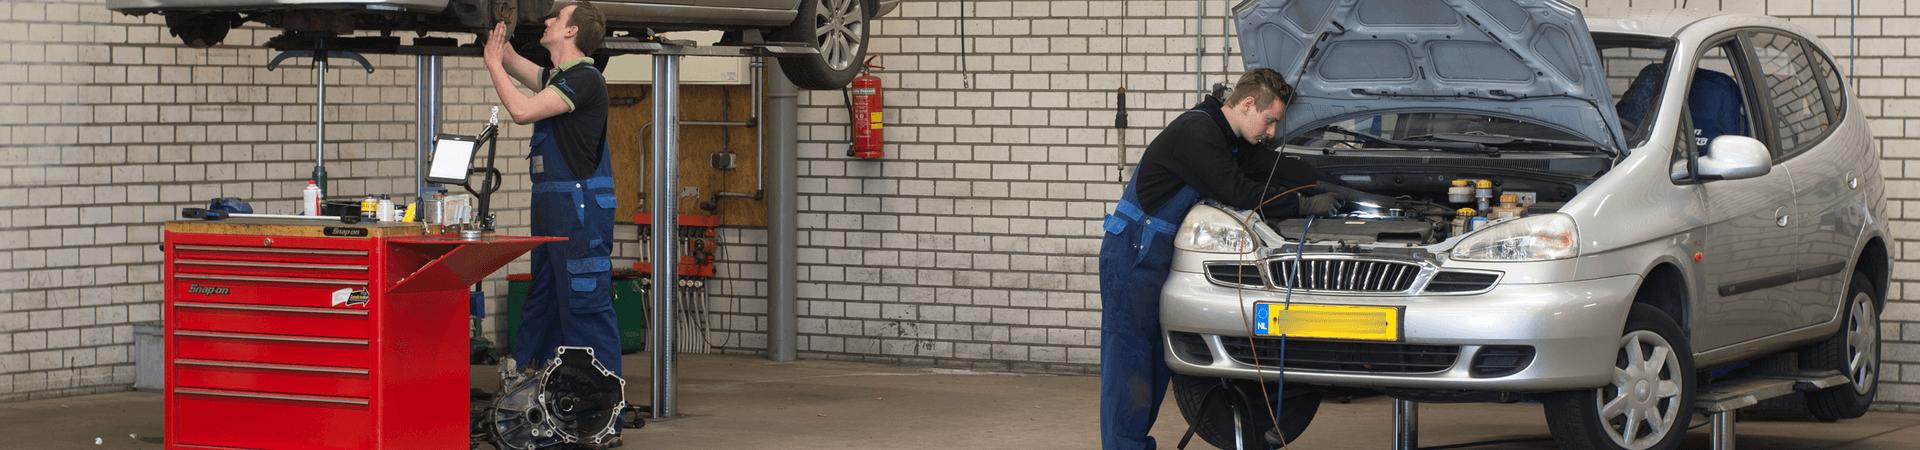 werkplaats autobedrijf scheerders